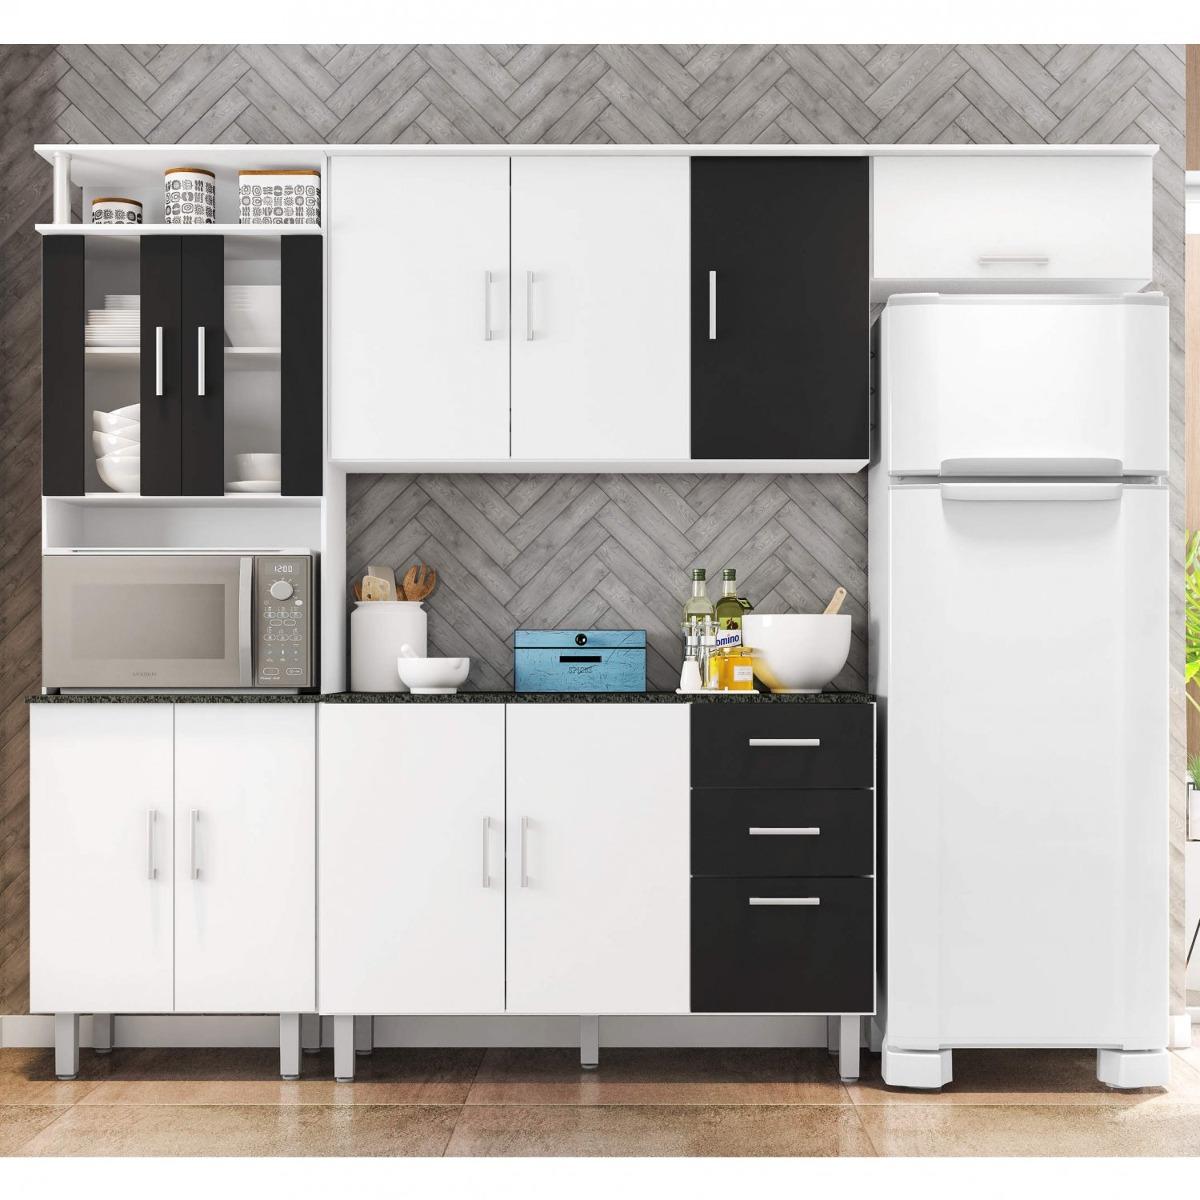 Cozinha Compacta Balc O Com Tampo 120cm 3 Pe As Gd R 579 90 Em